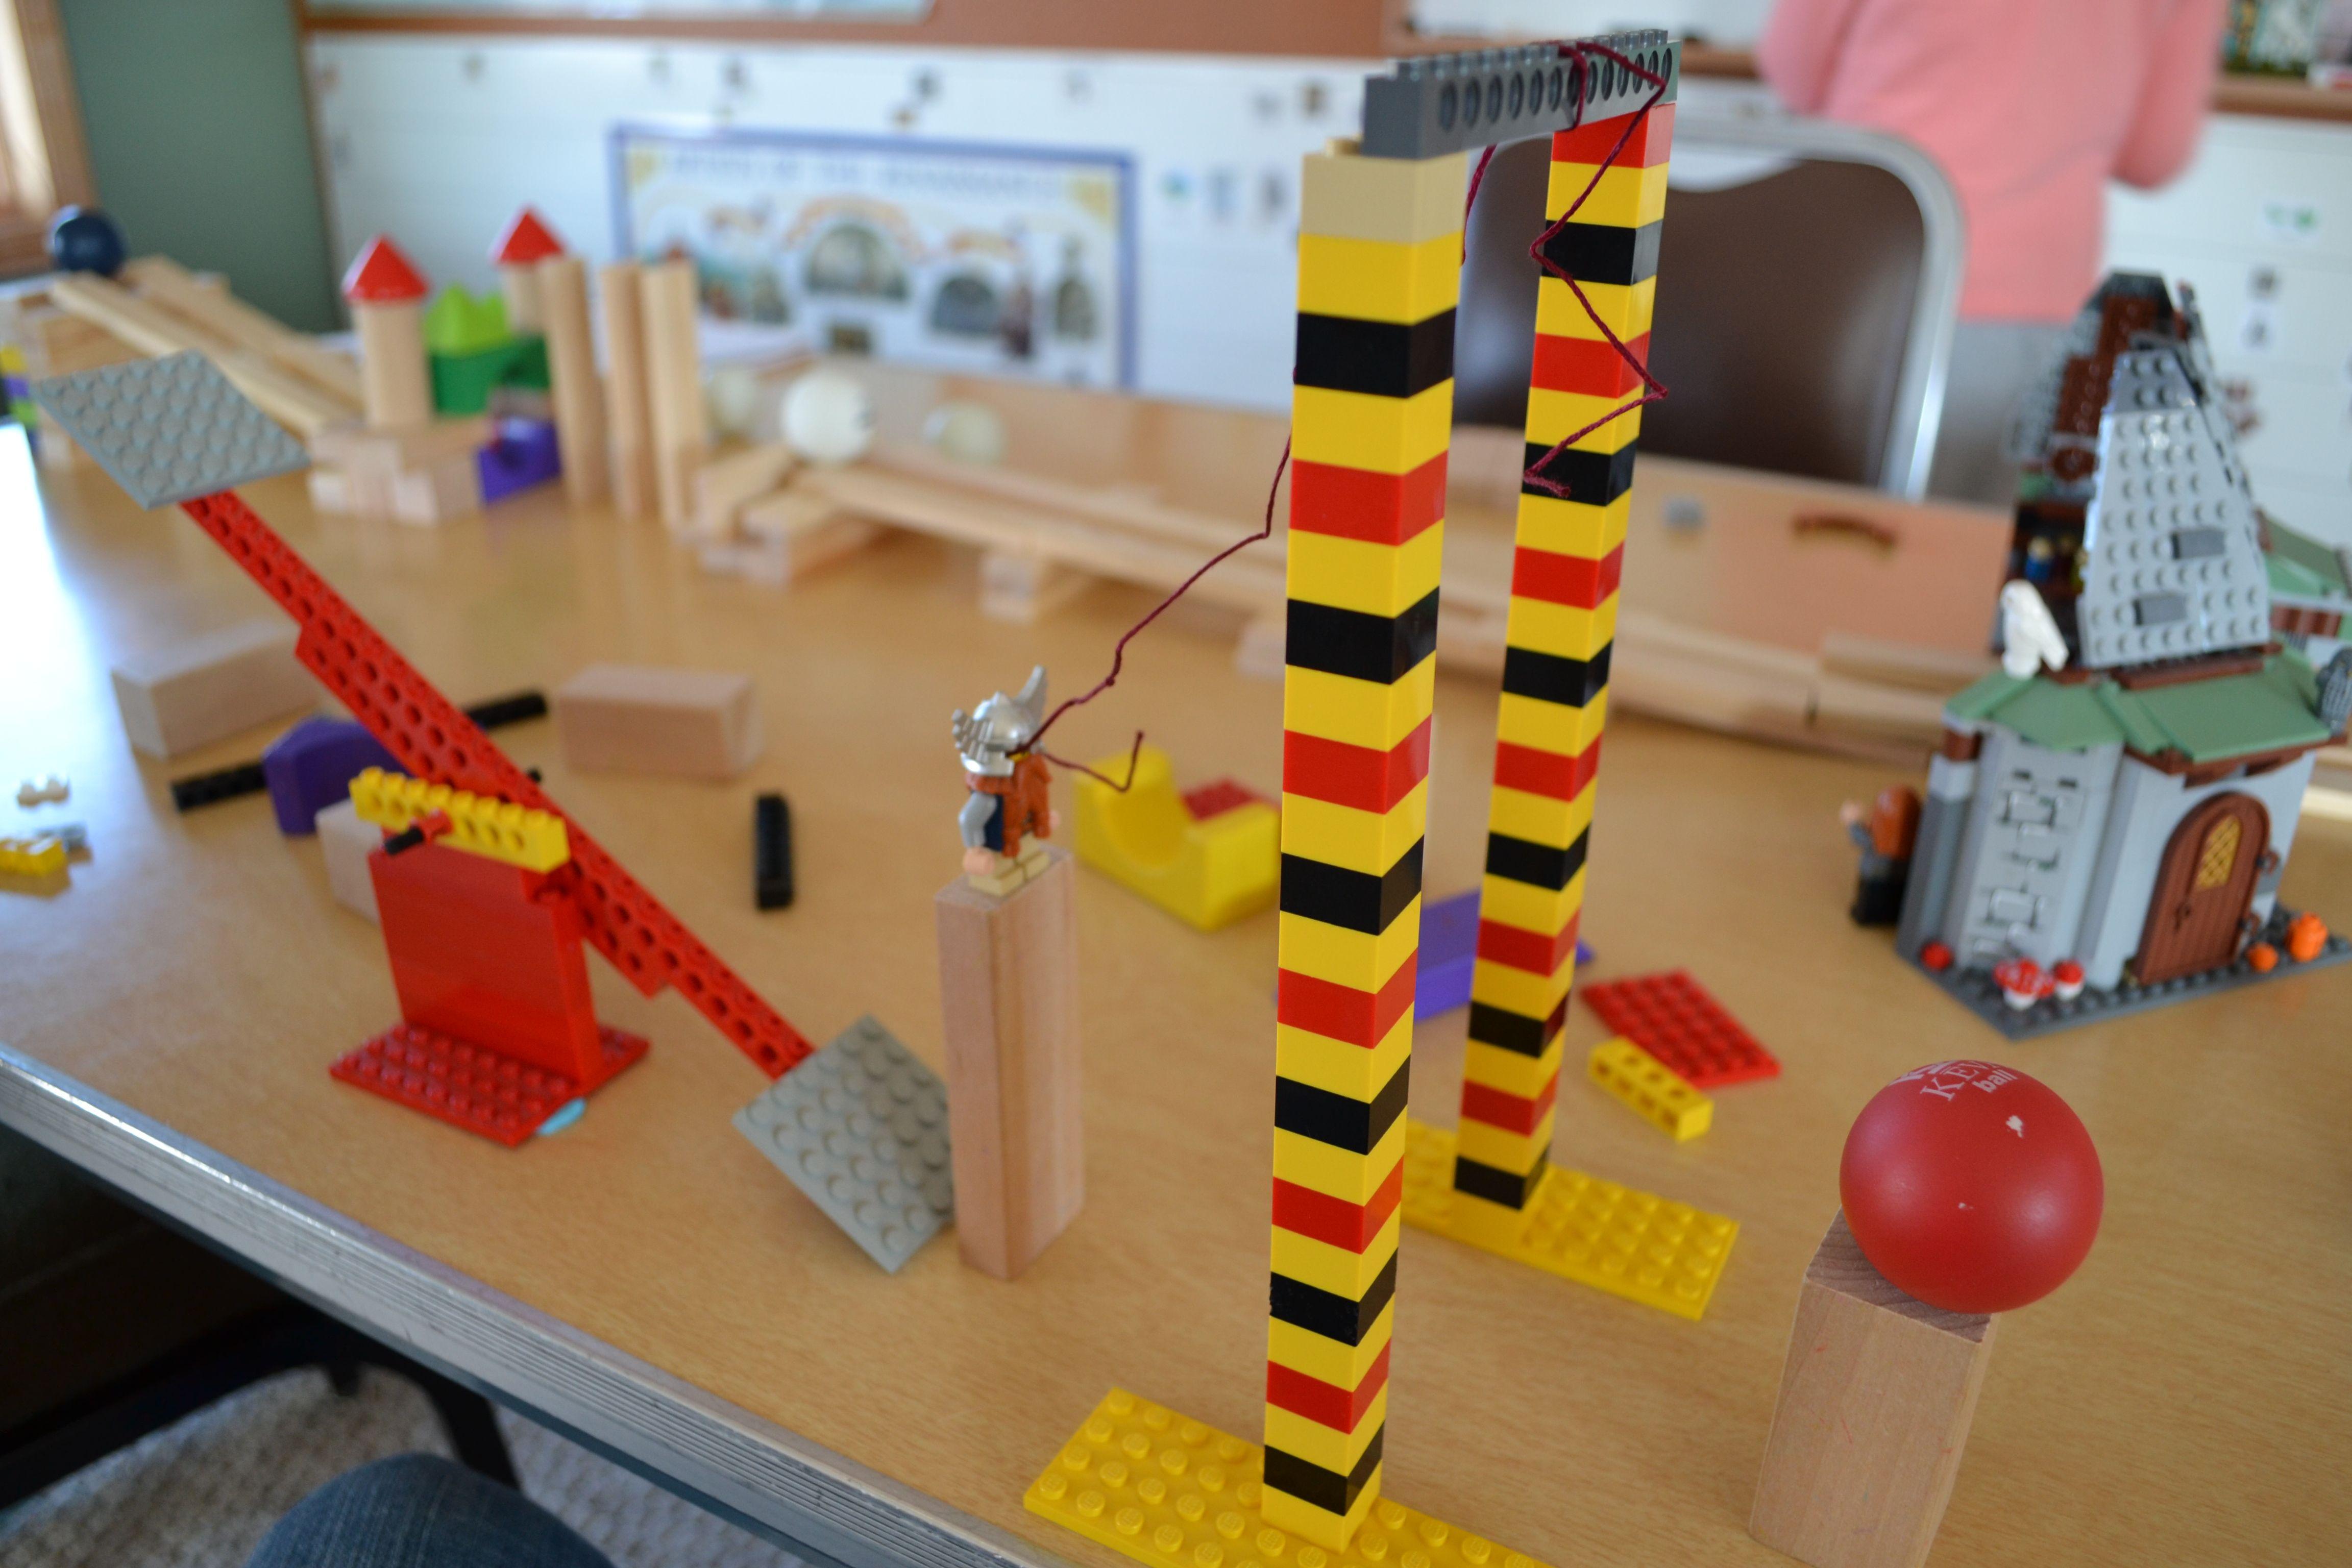 Rube Goldberg Beginnings